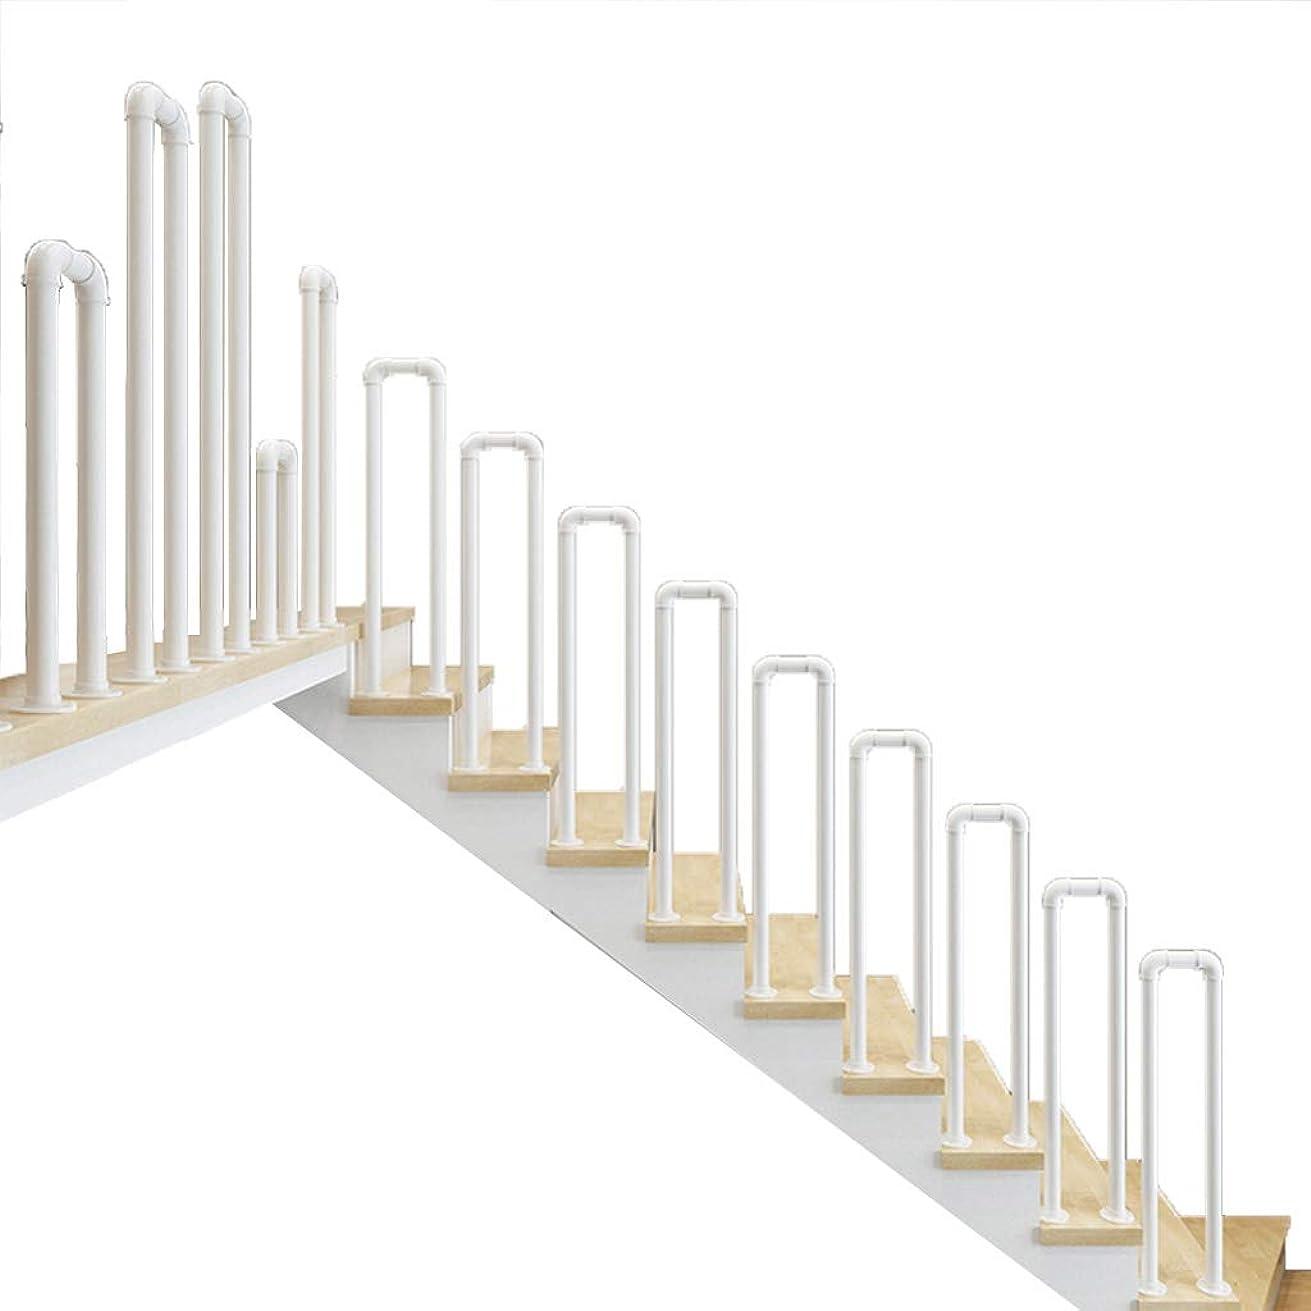 茎パニックガレージ白い滑り止め階段手すり高齢者の子供のロフト回廊安全サポートバーのための屋内と屋外の手すり錬鉄+亜鉛メッキパイプ素材工業用風パイプ階段U字型の階段手すり - コンプリートキット設置が簡単55cm-100cm(1.8ft-3.3ft)